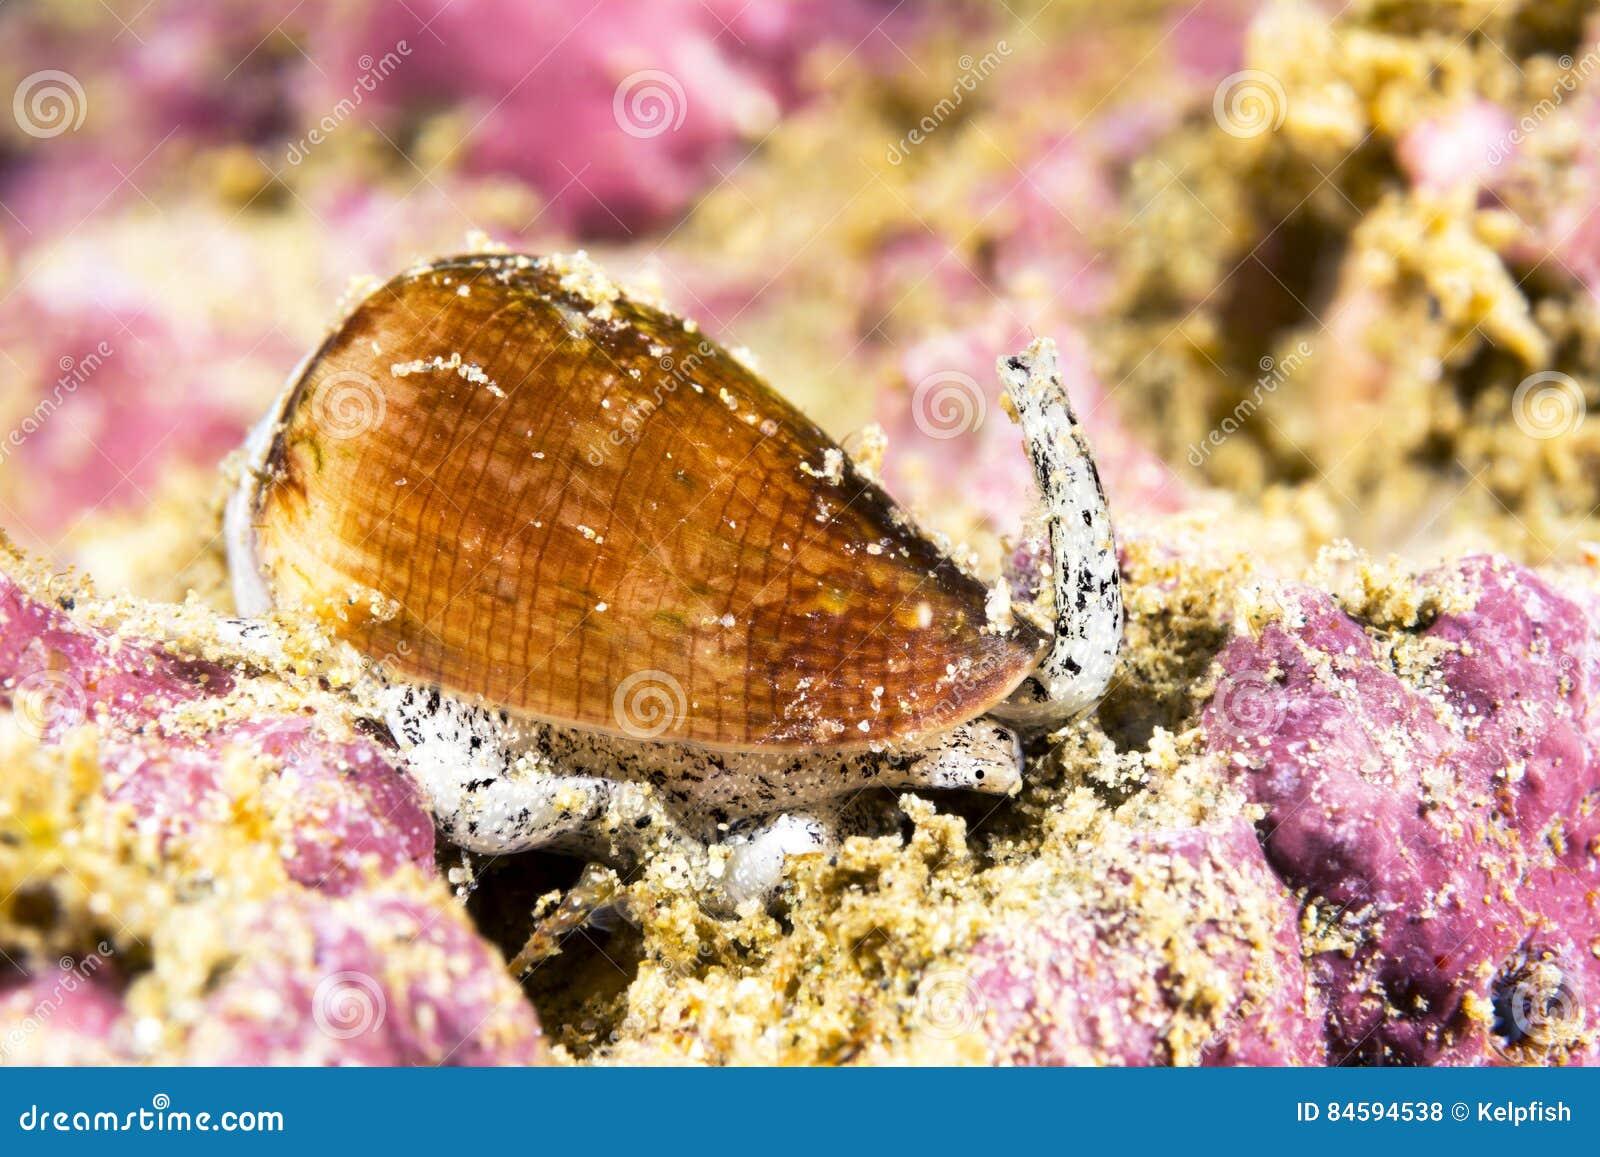 加利福尼亚锥体蜗牛